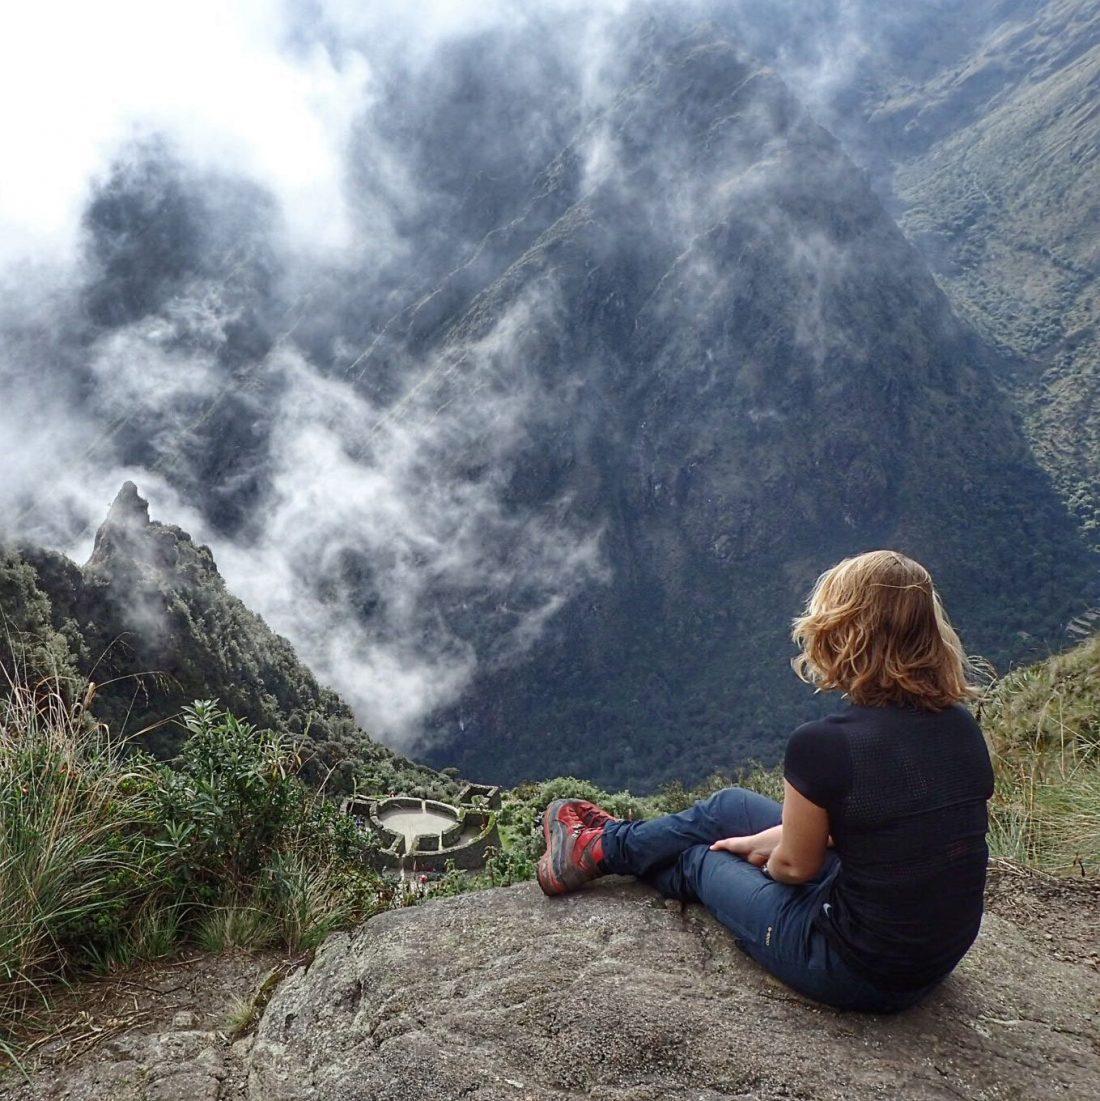 Beste uitkijk spot ever - wanderlotje - Inca Trail